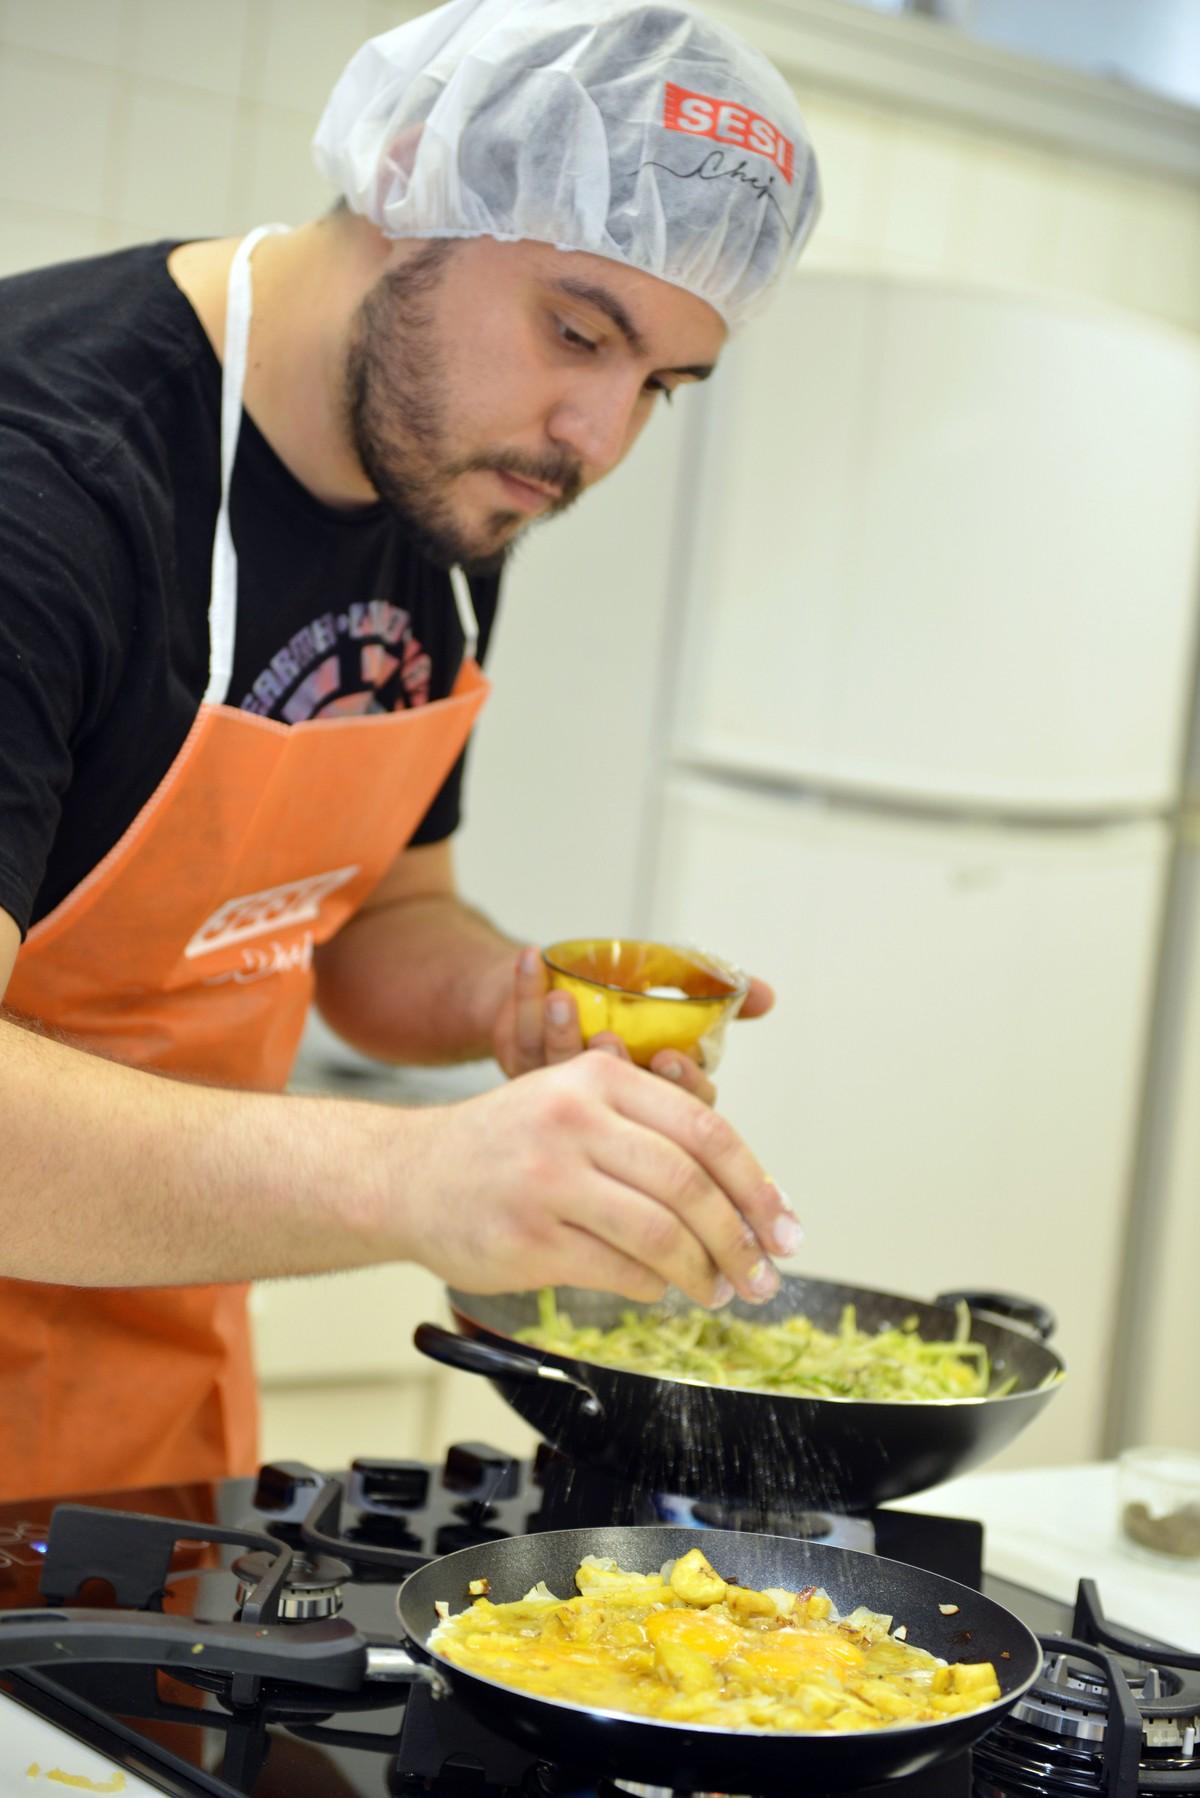 Final da competição de culinária 'SESI Chef' acontece em Campinas neste sábado